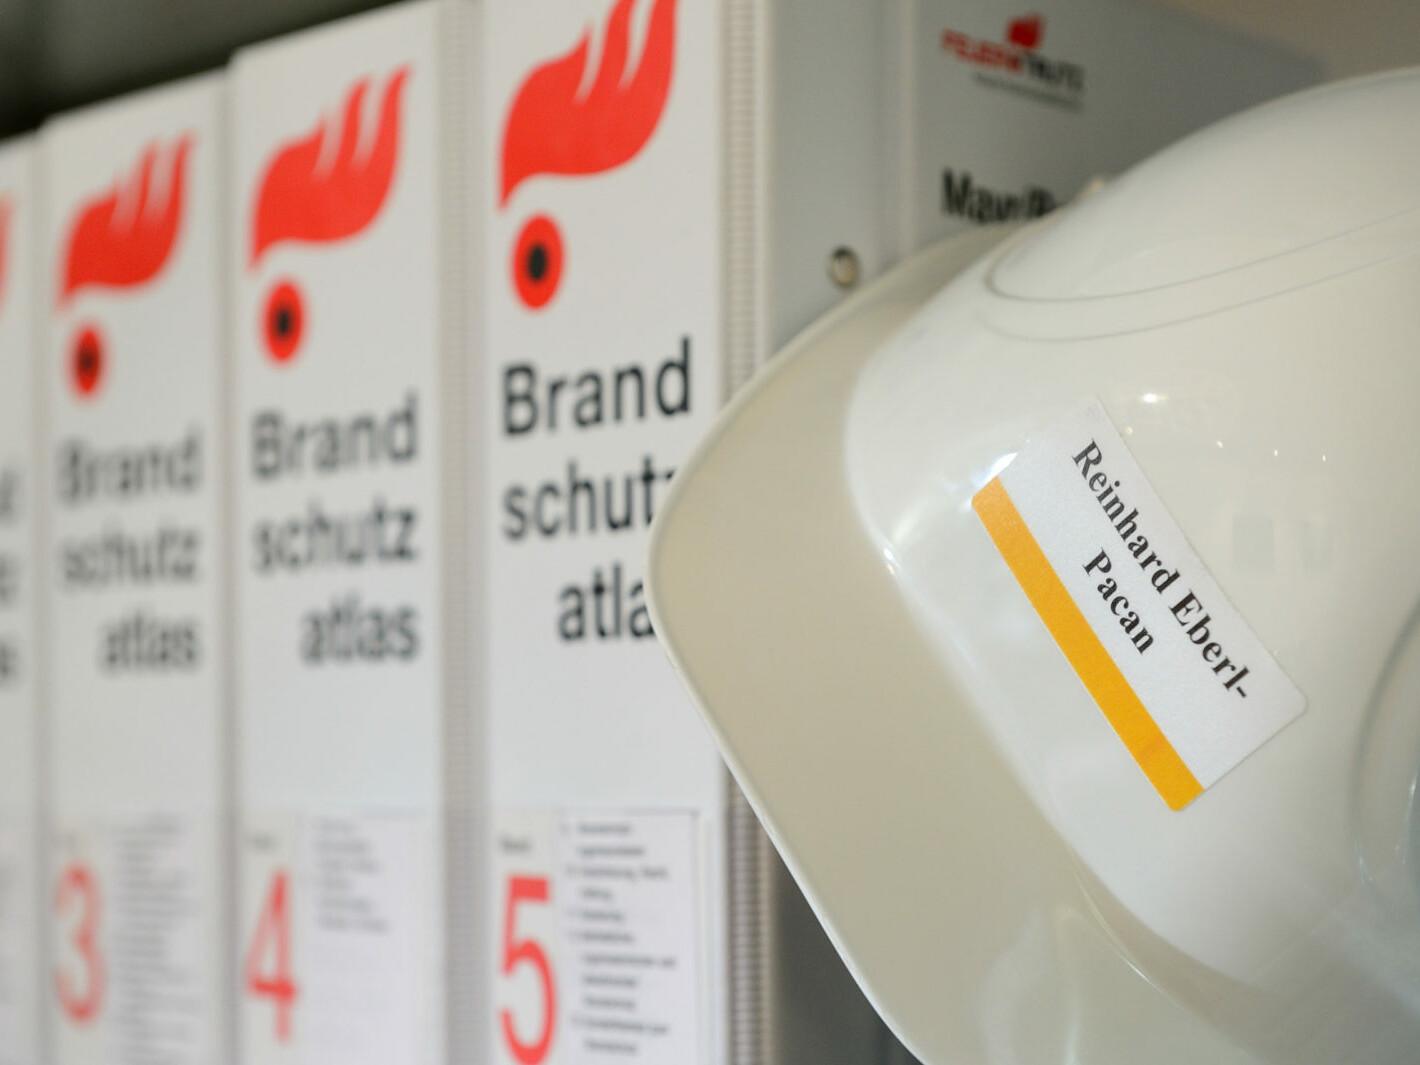 Brandschutz in Wort und Tat_Eberl-Pacan Architekten und Ingenieure für Brandschutz